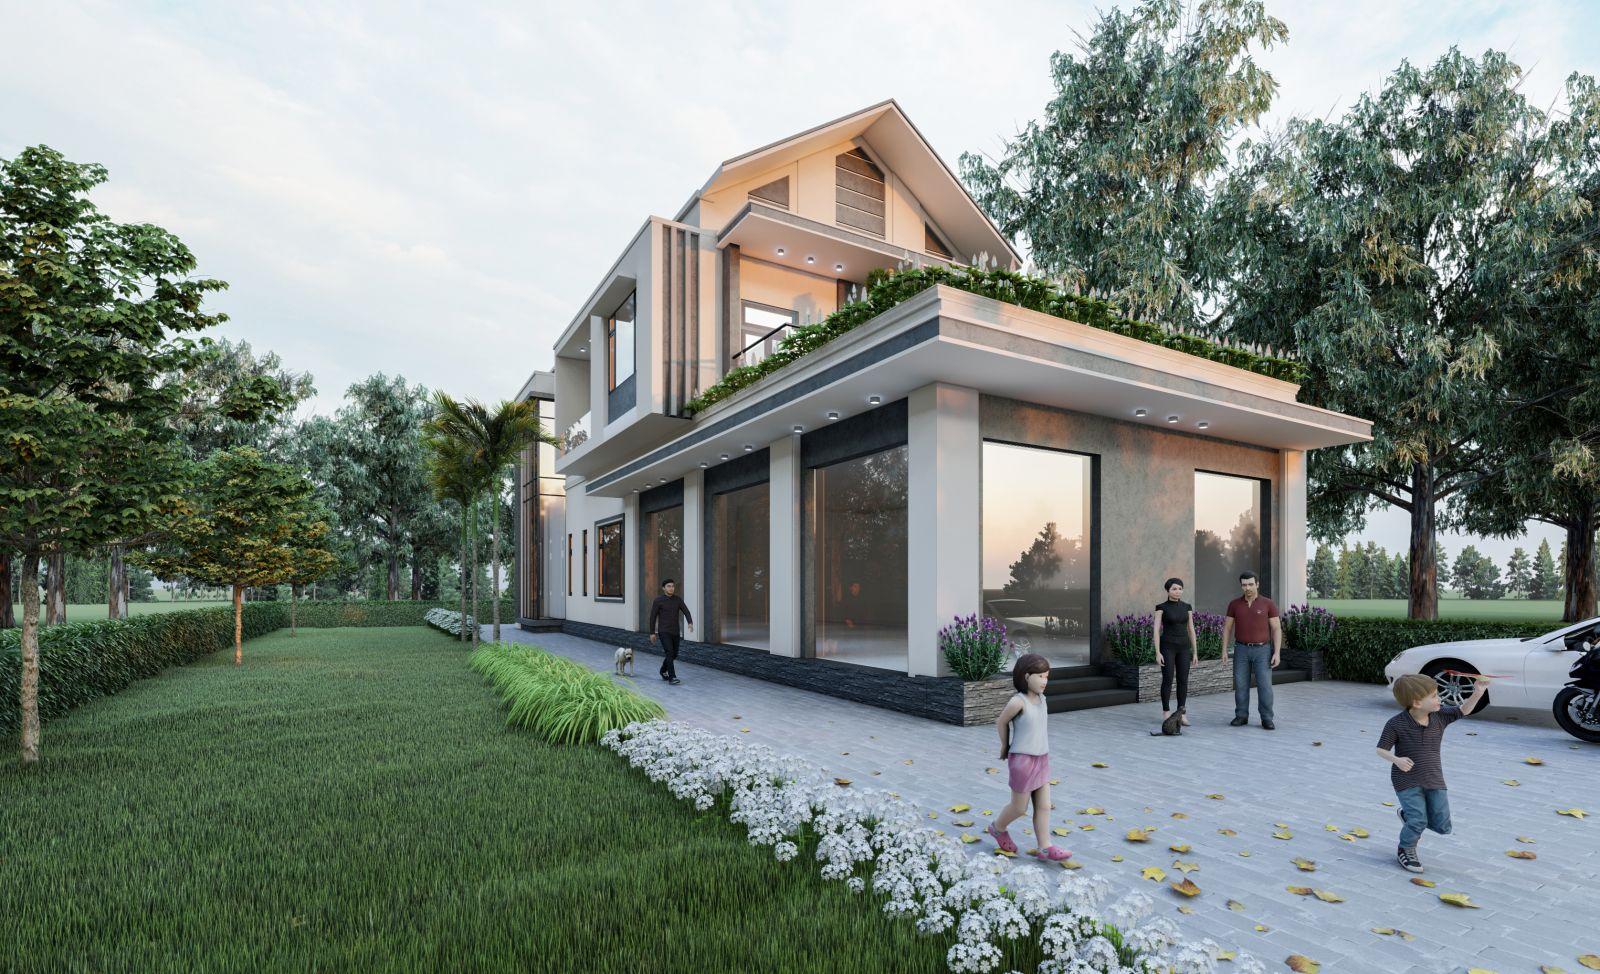 Thiết kế nhà vườn tại Tứ Kỳ, Hải Dương